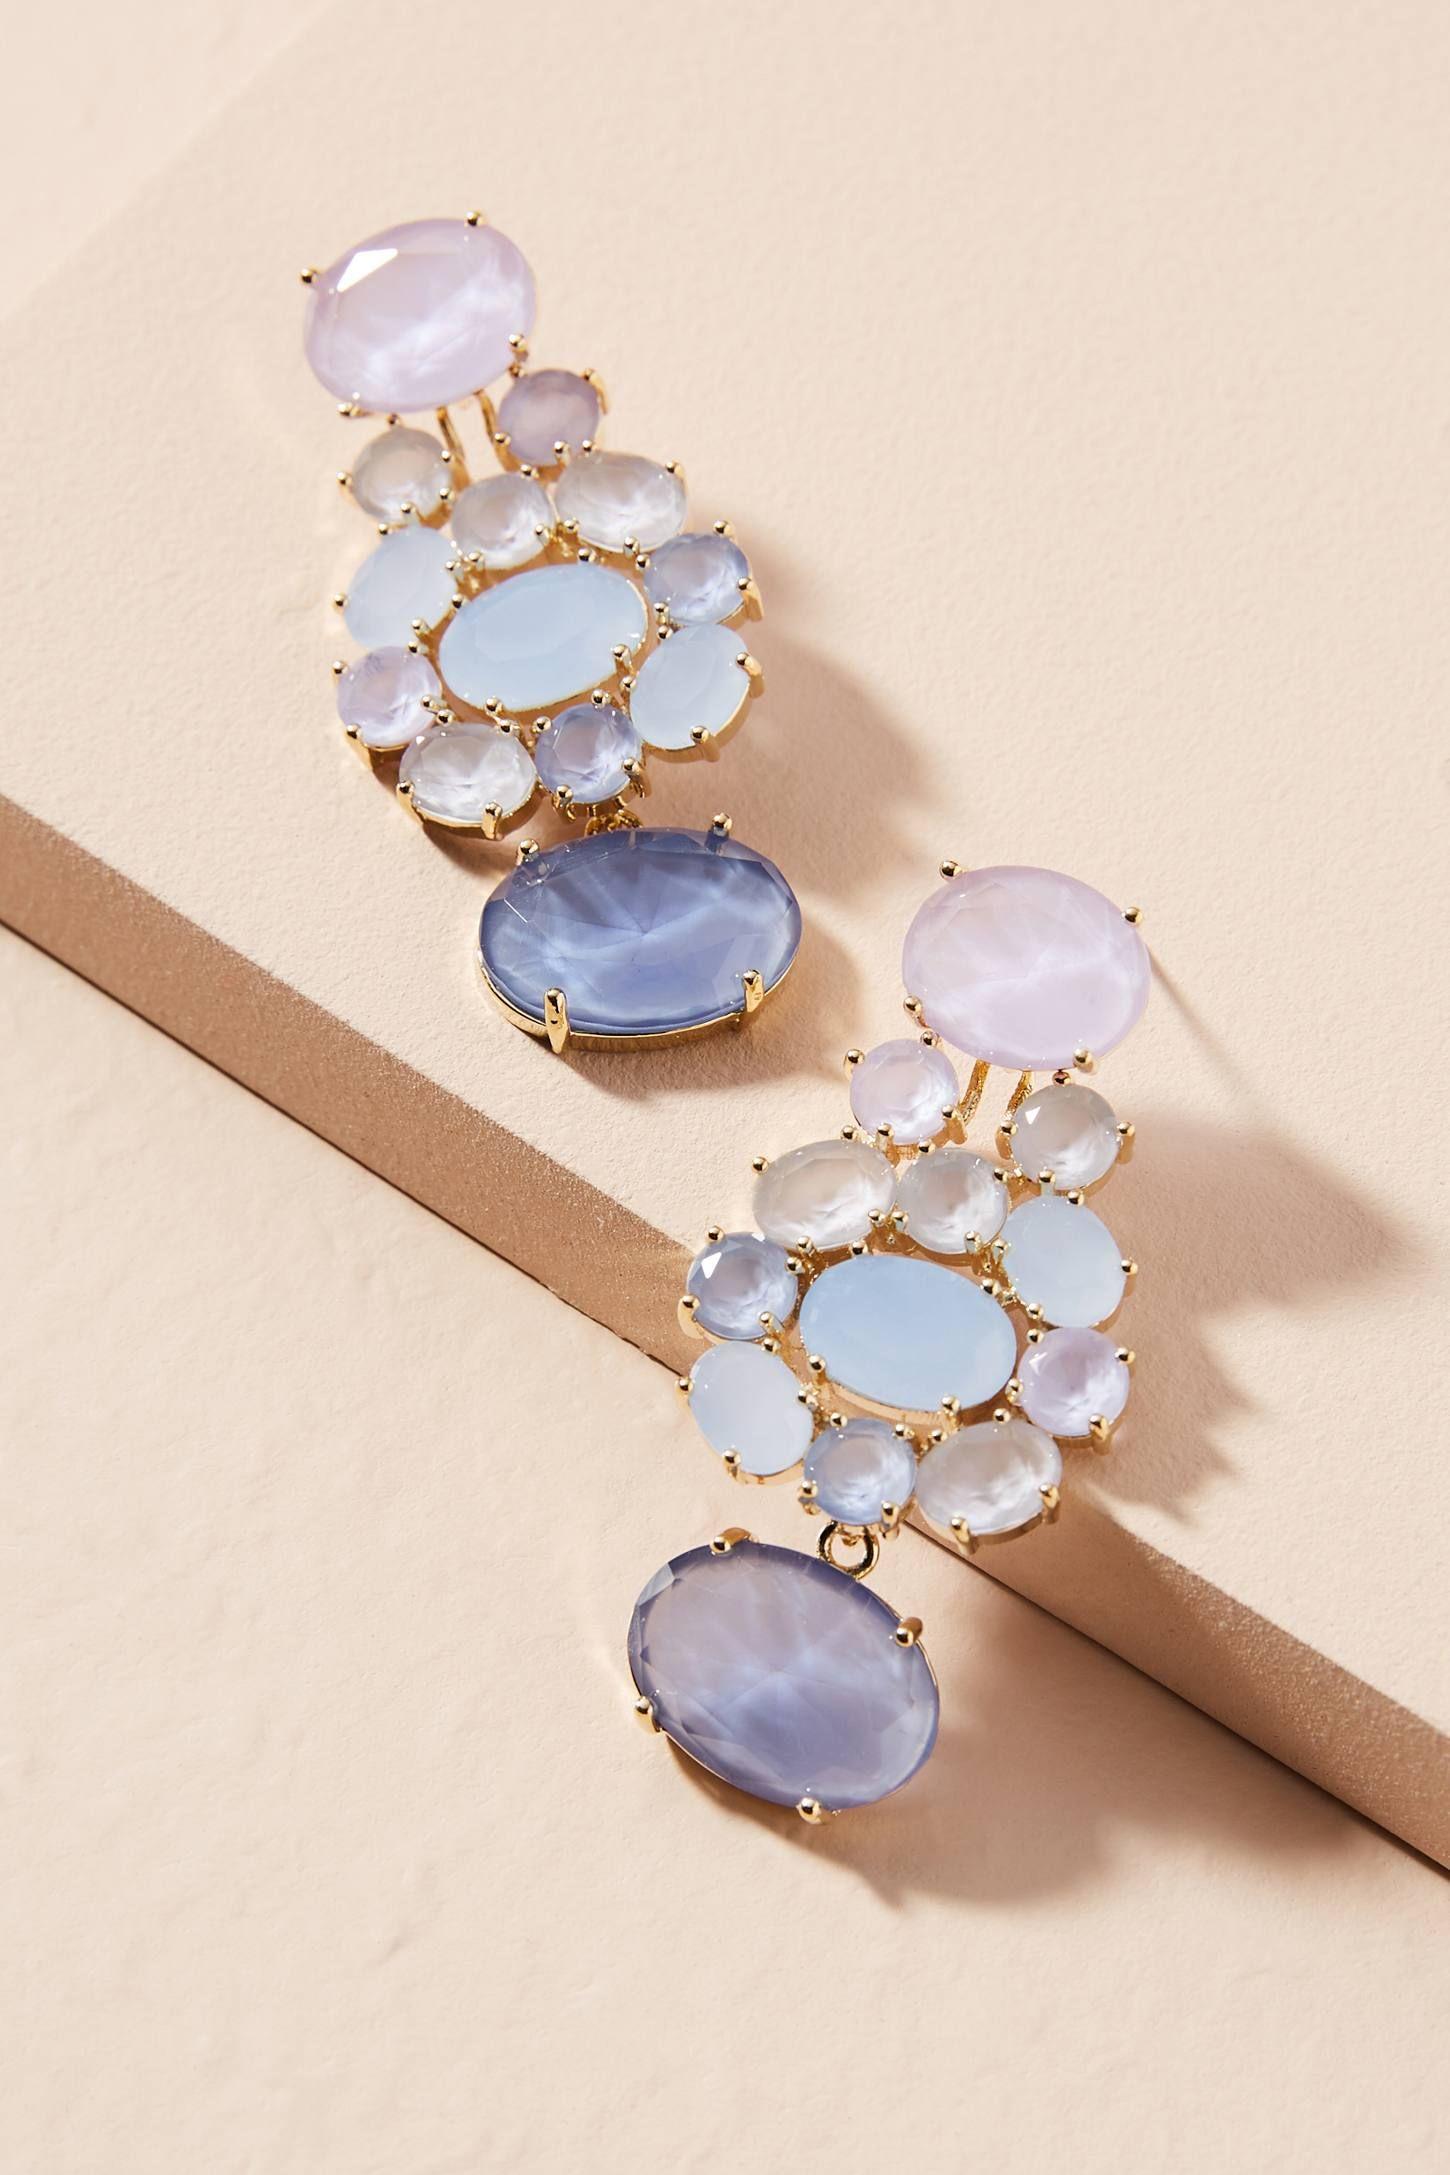 Anthropologie Sloane Tasseled Post Earrings 65LKT